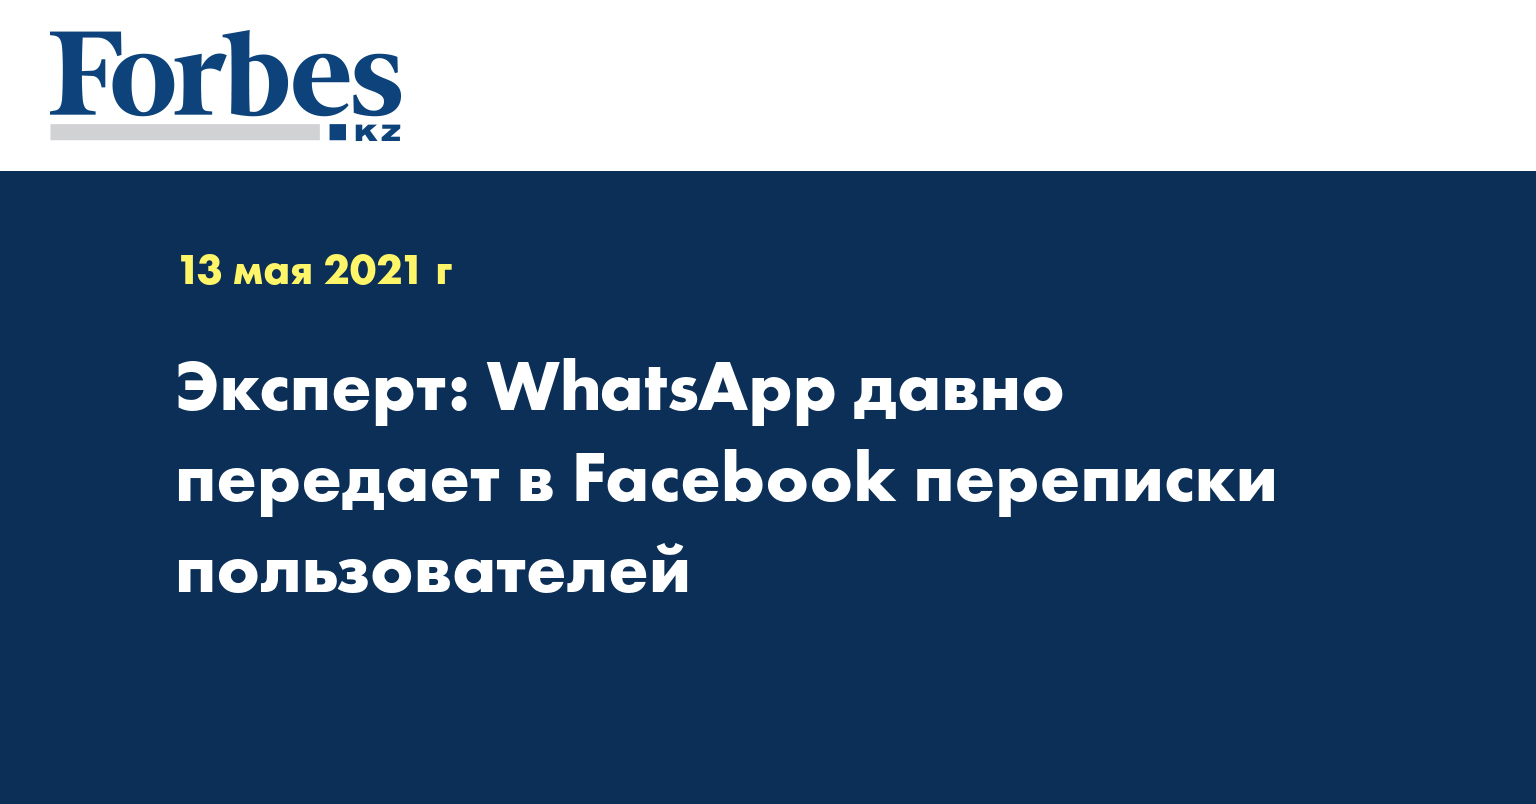 Эксперт: WhatsApp давно передает в Facebook переписки пользователей